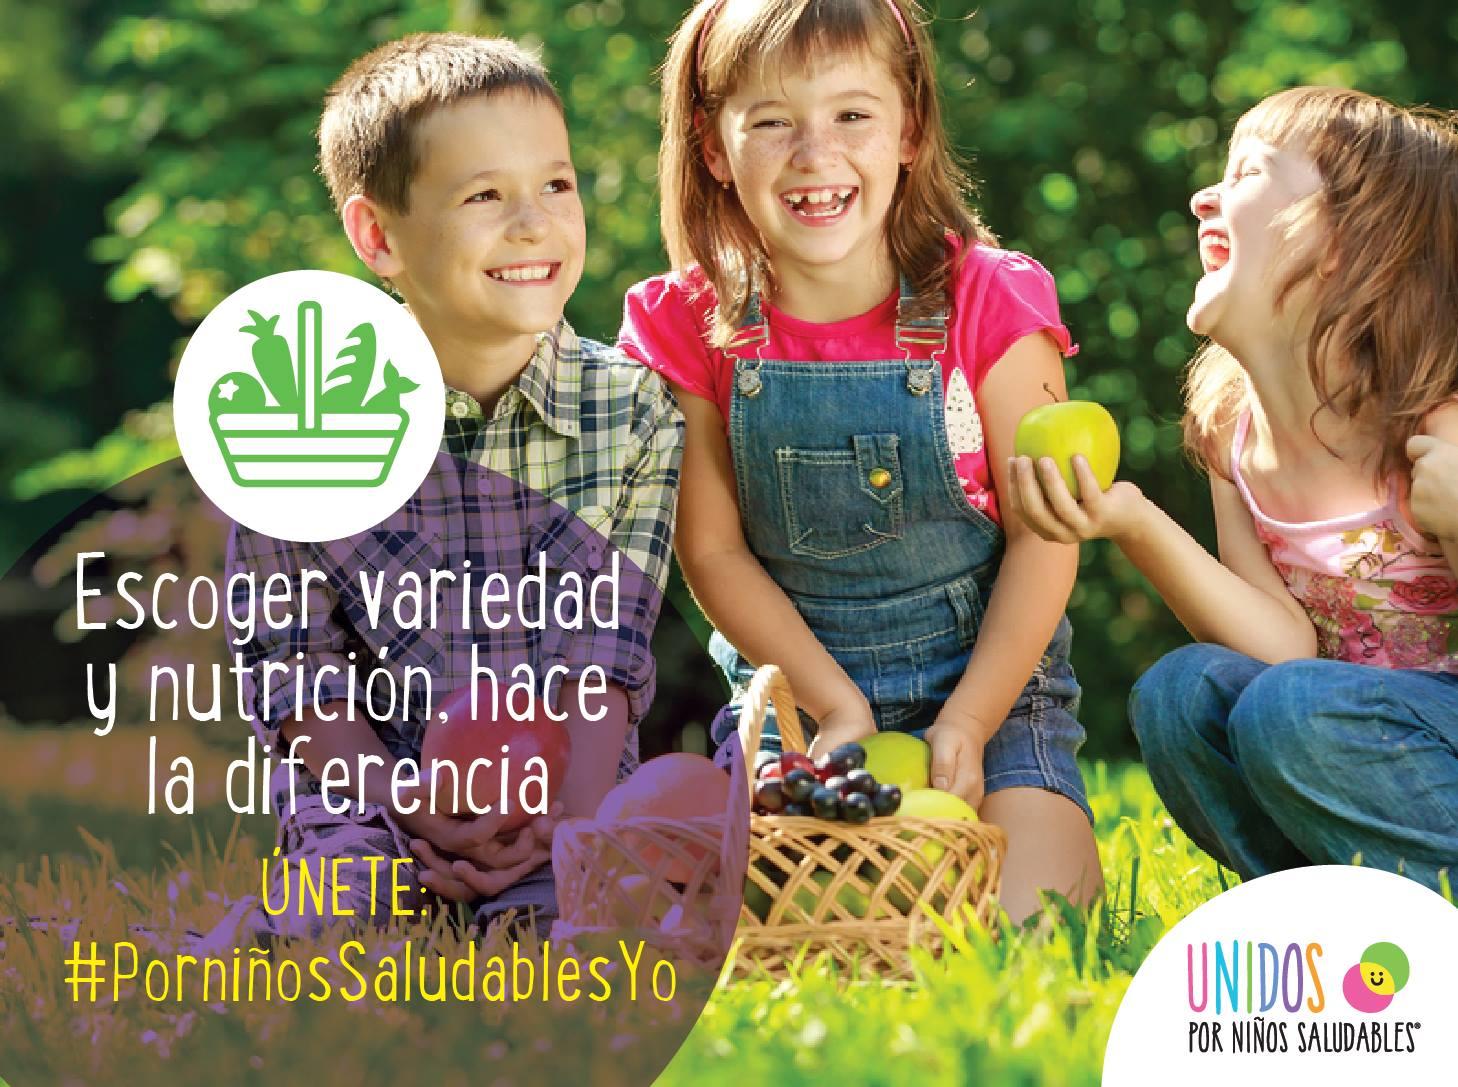 'Unidos por niños saludables', un movimiento que crece y apoya la Sociedad Colombiana de Pediatría